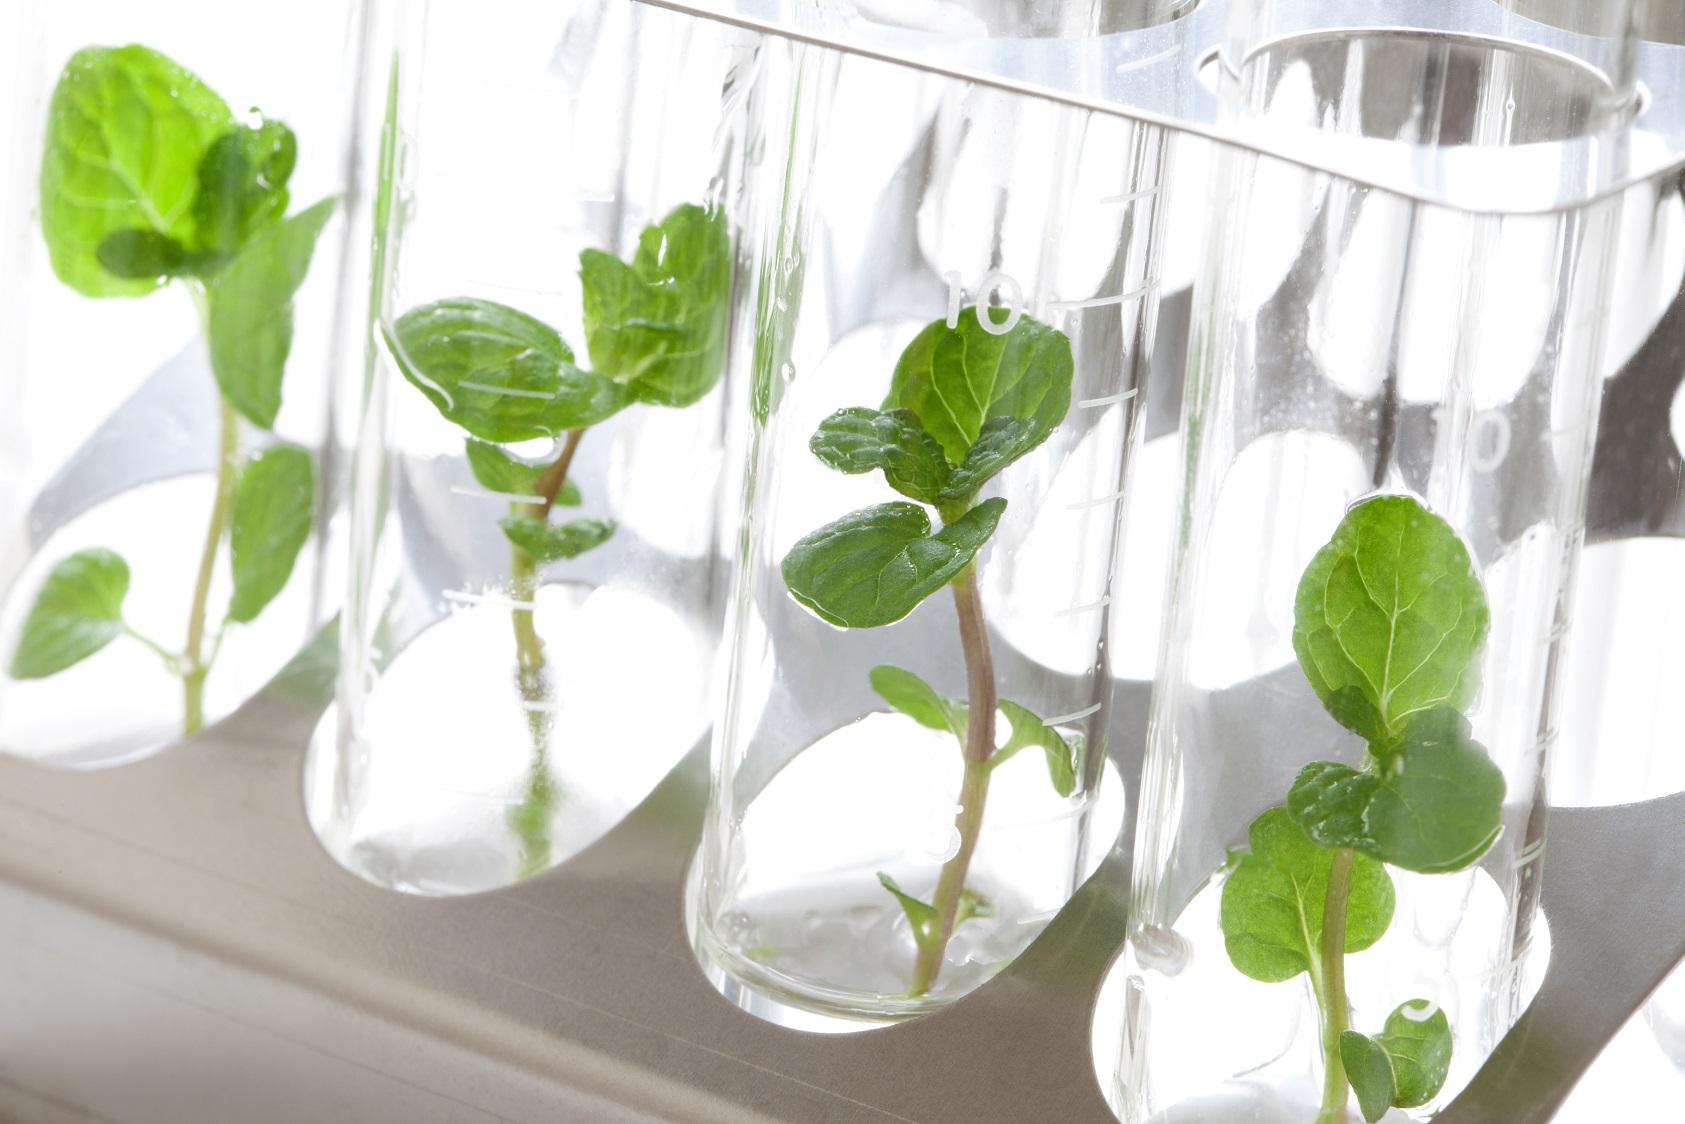 botanical material